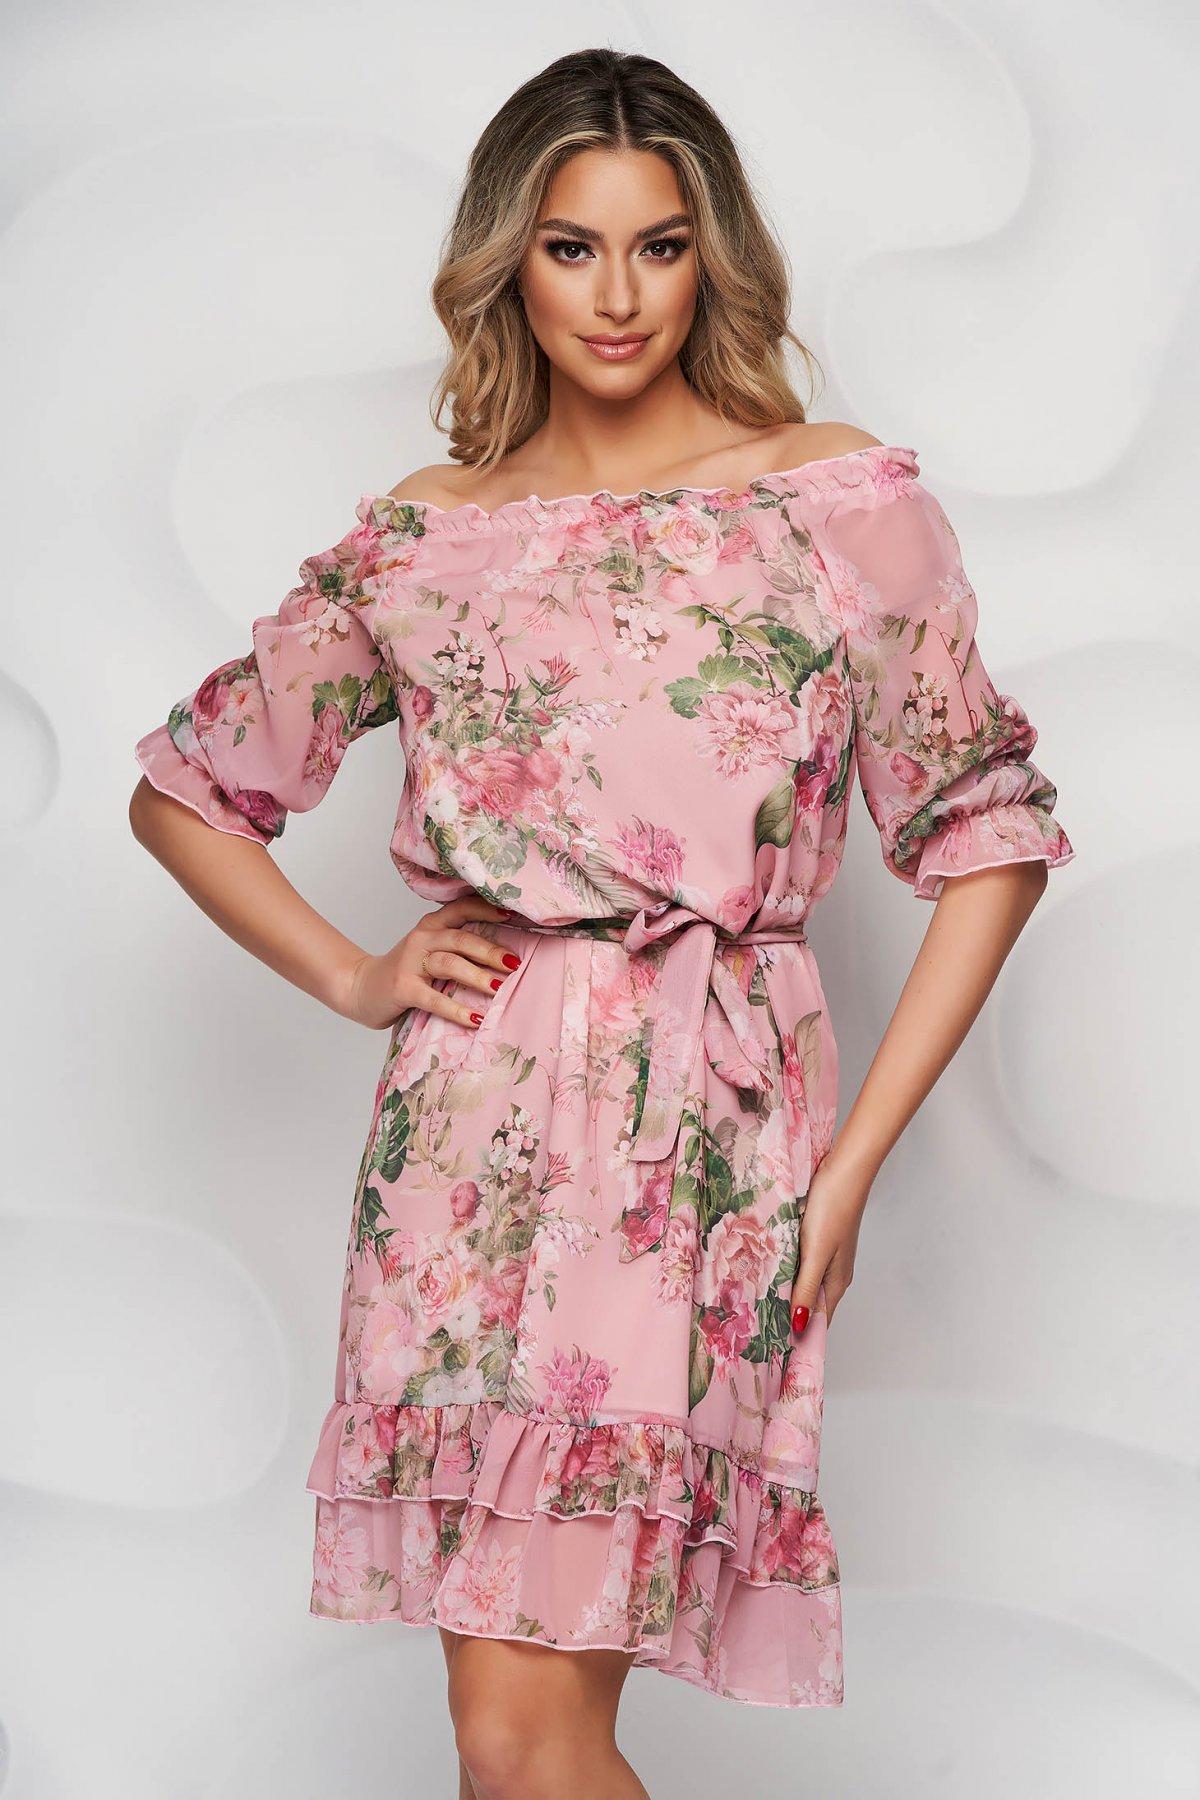 Rochie StarShinerS cu imprimeu floral midi din material subtire cu volanase la baza rochiei si cu maneci prinse in elastic - medelin.ro